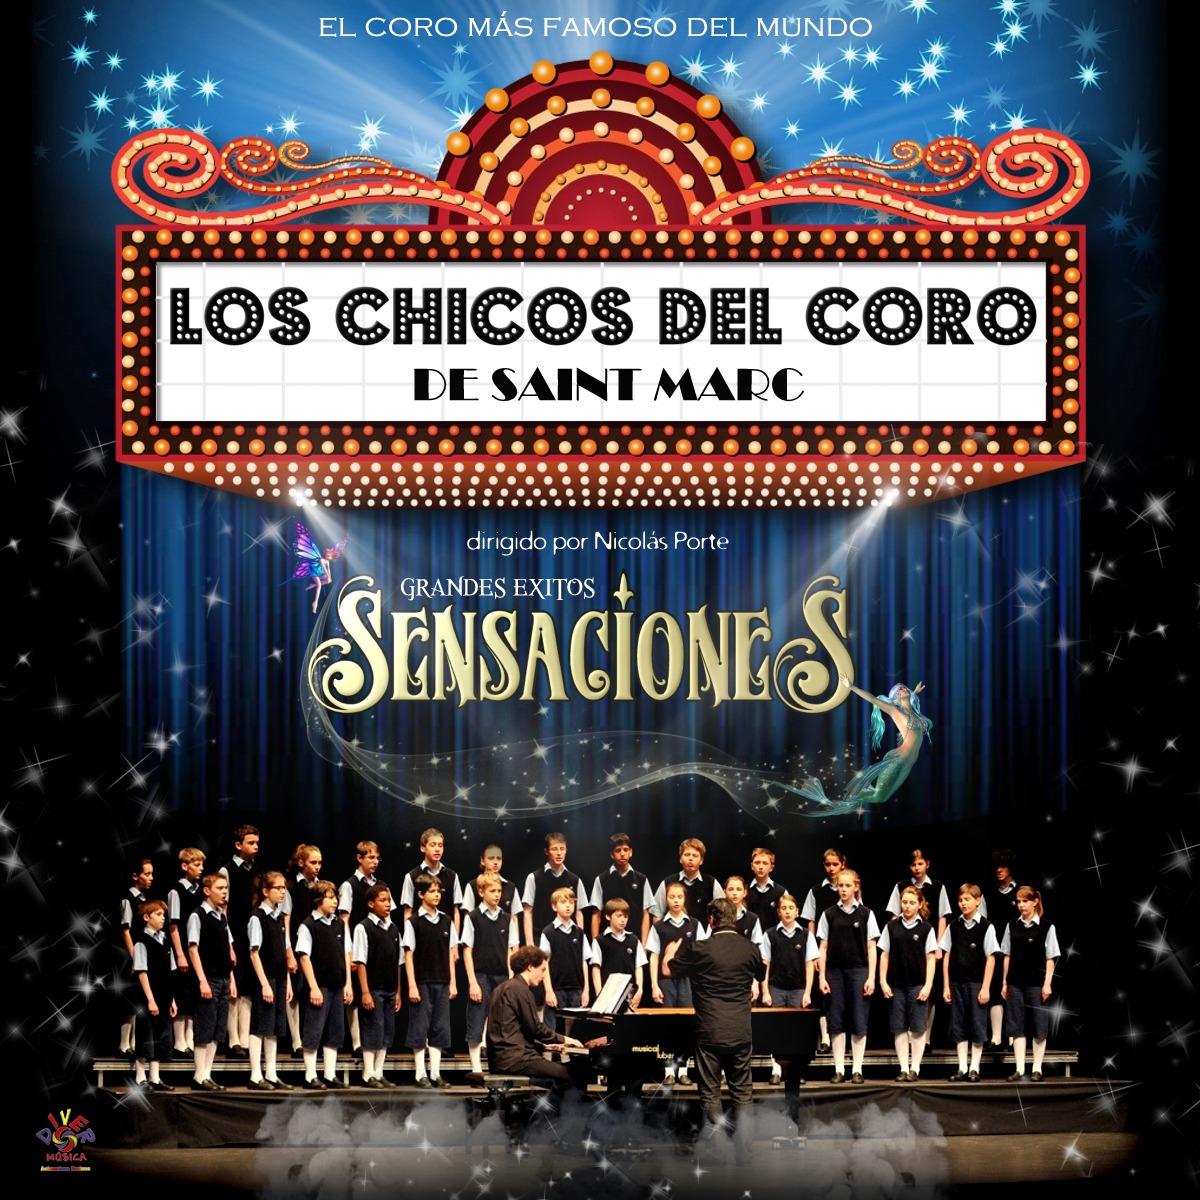 Pandora Producciones - Los Chicos del Coro - Gira Sensaciones 2019 - Valladolid - Medina del Campo - Diciembre - 2019